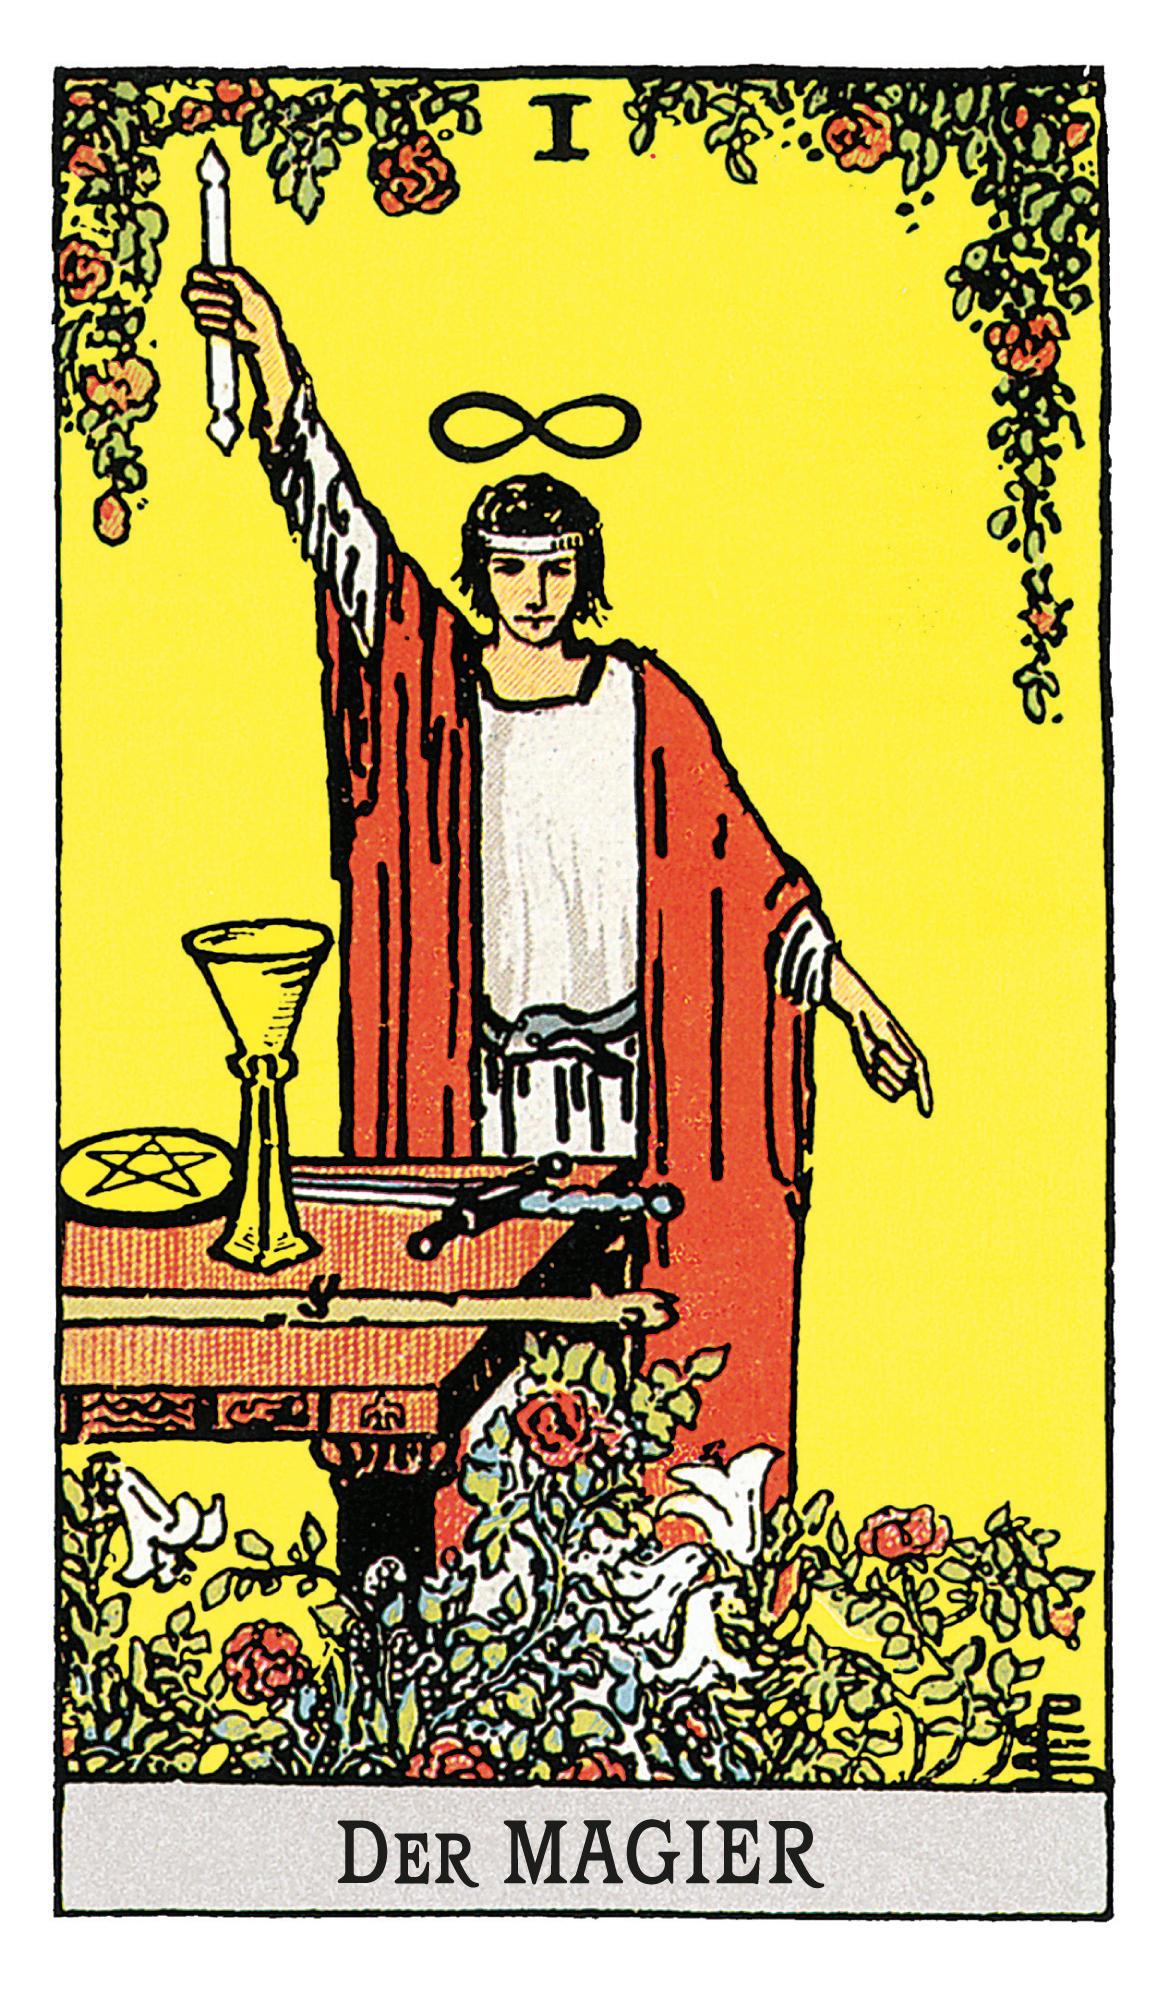 Der Magier - deine Tarotkarte   BRIGITTE.de